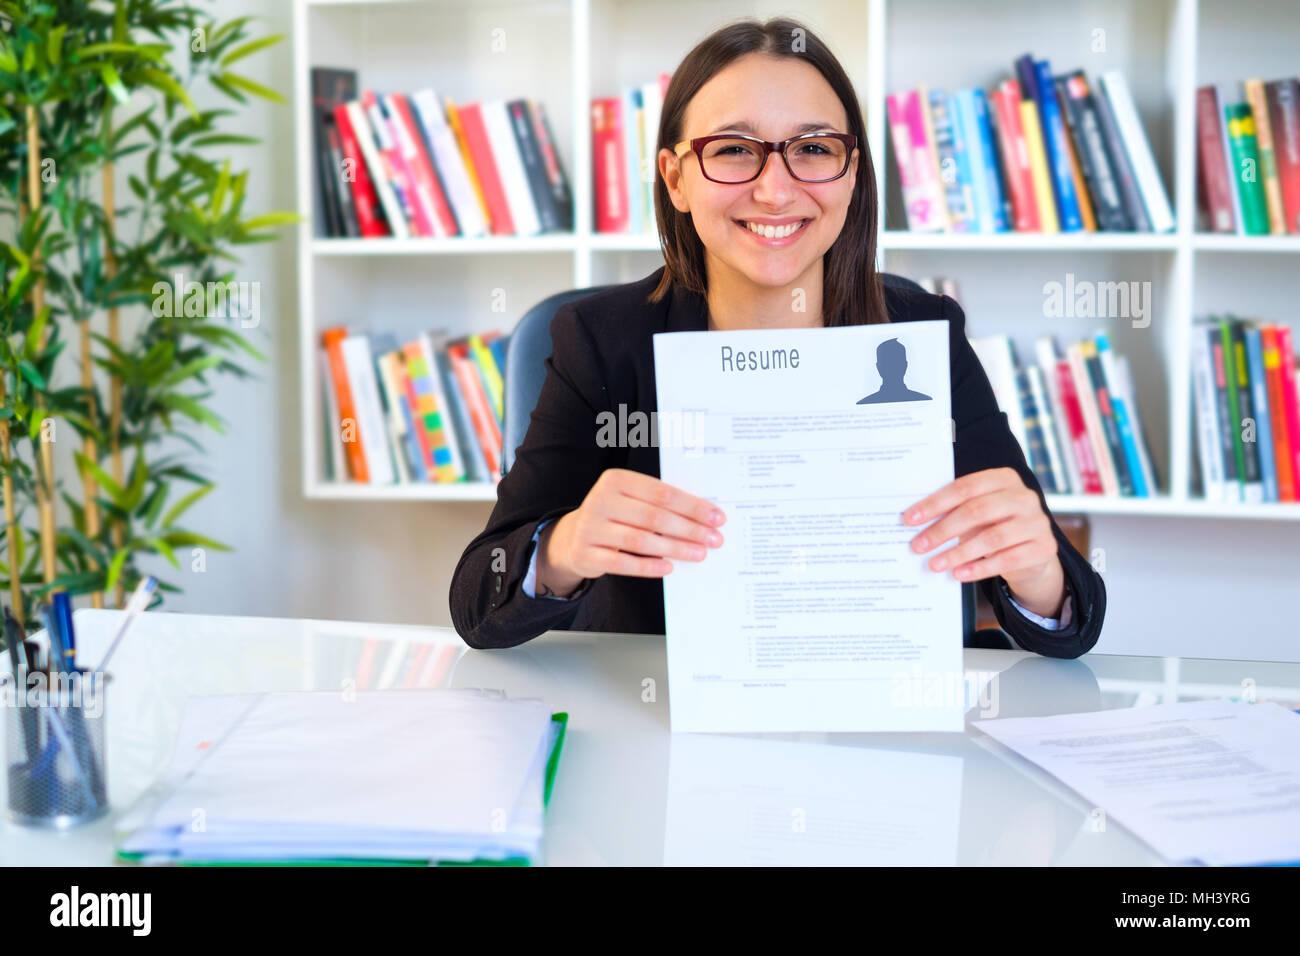 Mujer buscando trabajo y mostrando su cv reanudar Imagen De Stock